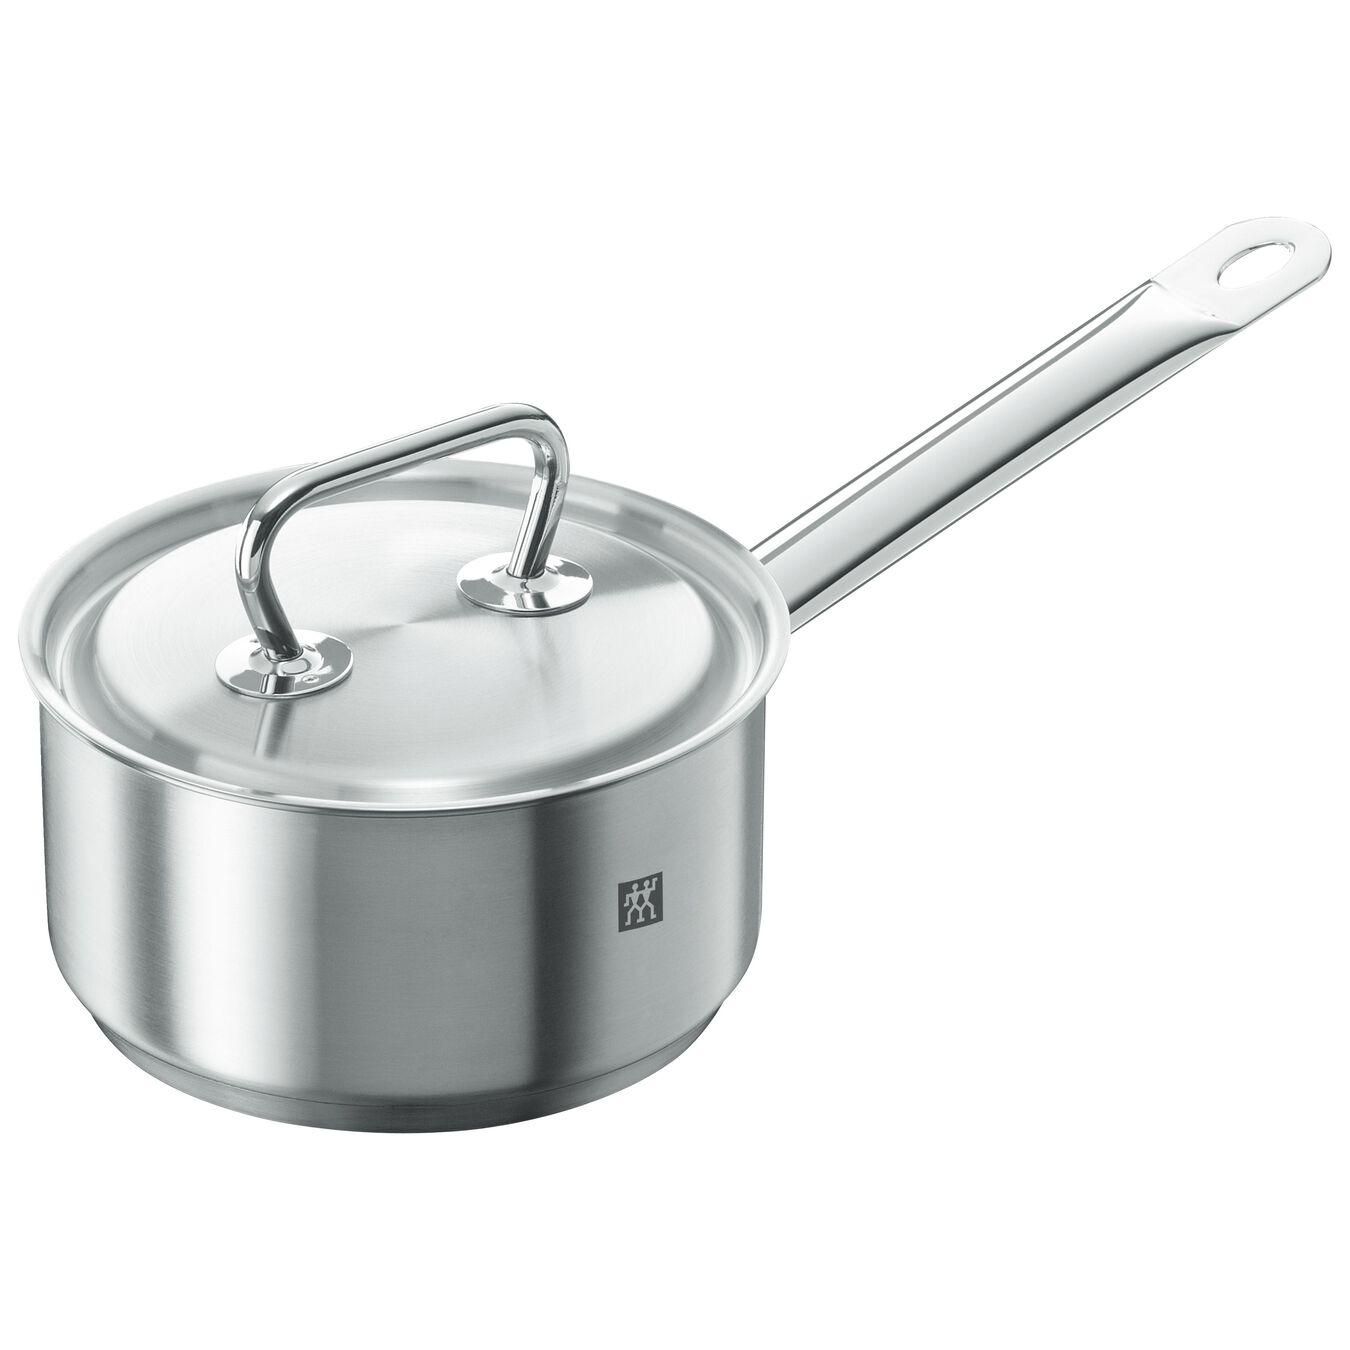 Ensemble de casseroles 5-pcs,,large 8